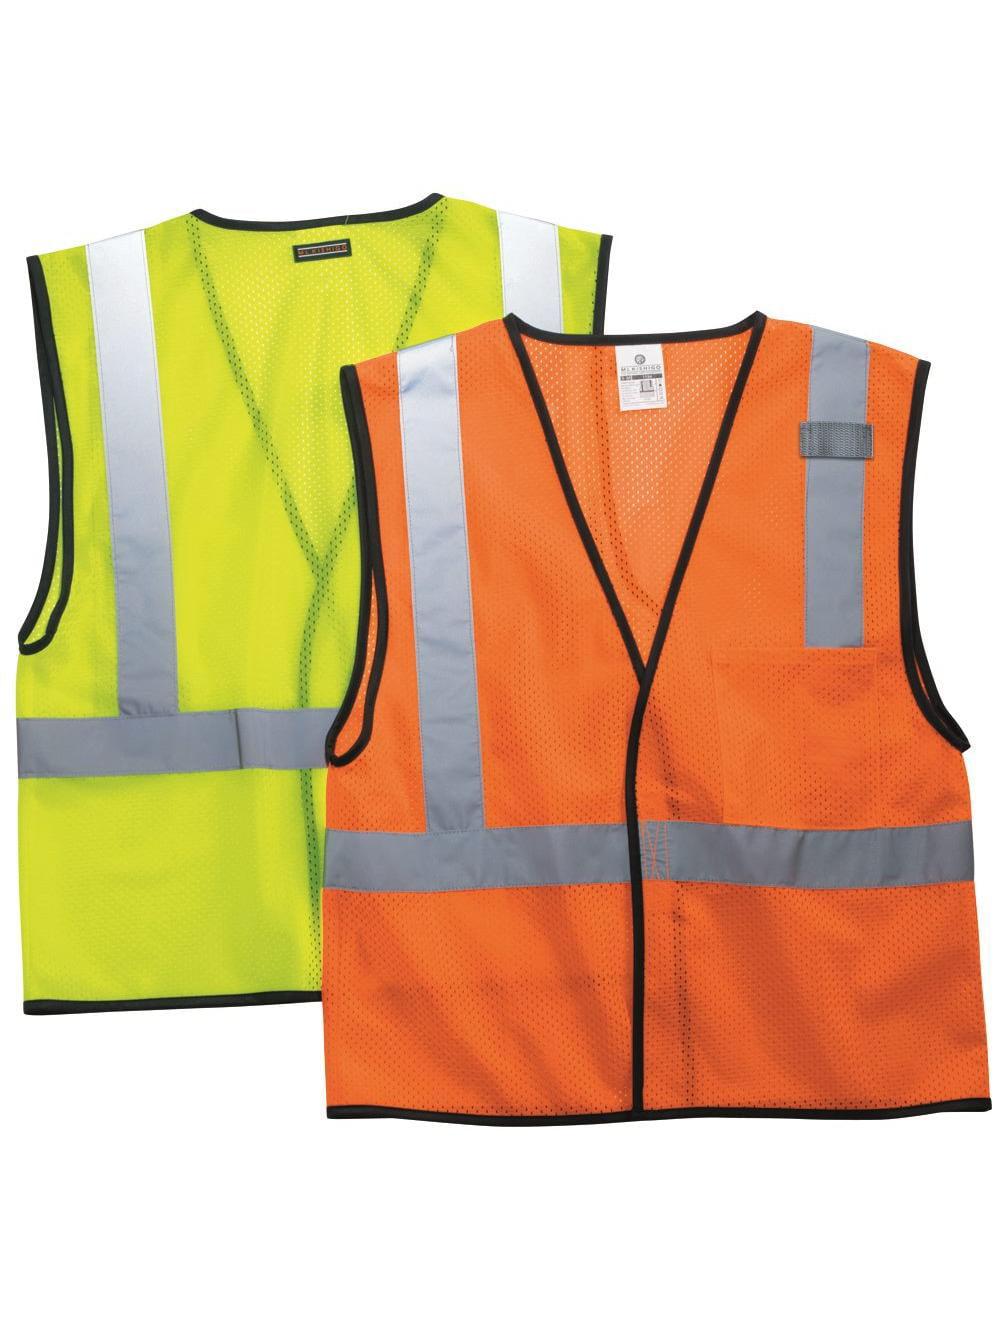 ML Kishigo Workwear Economy One Pocket Mesh Vest